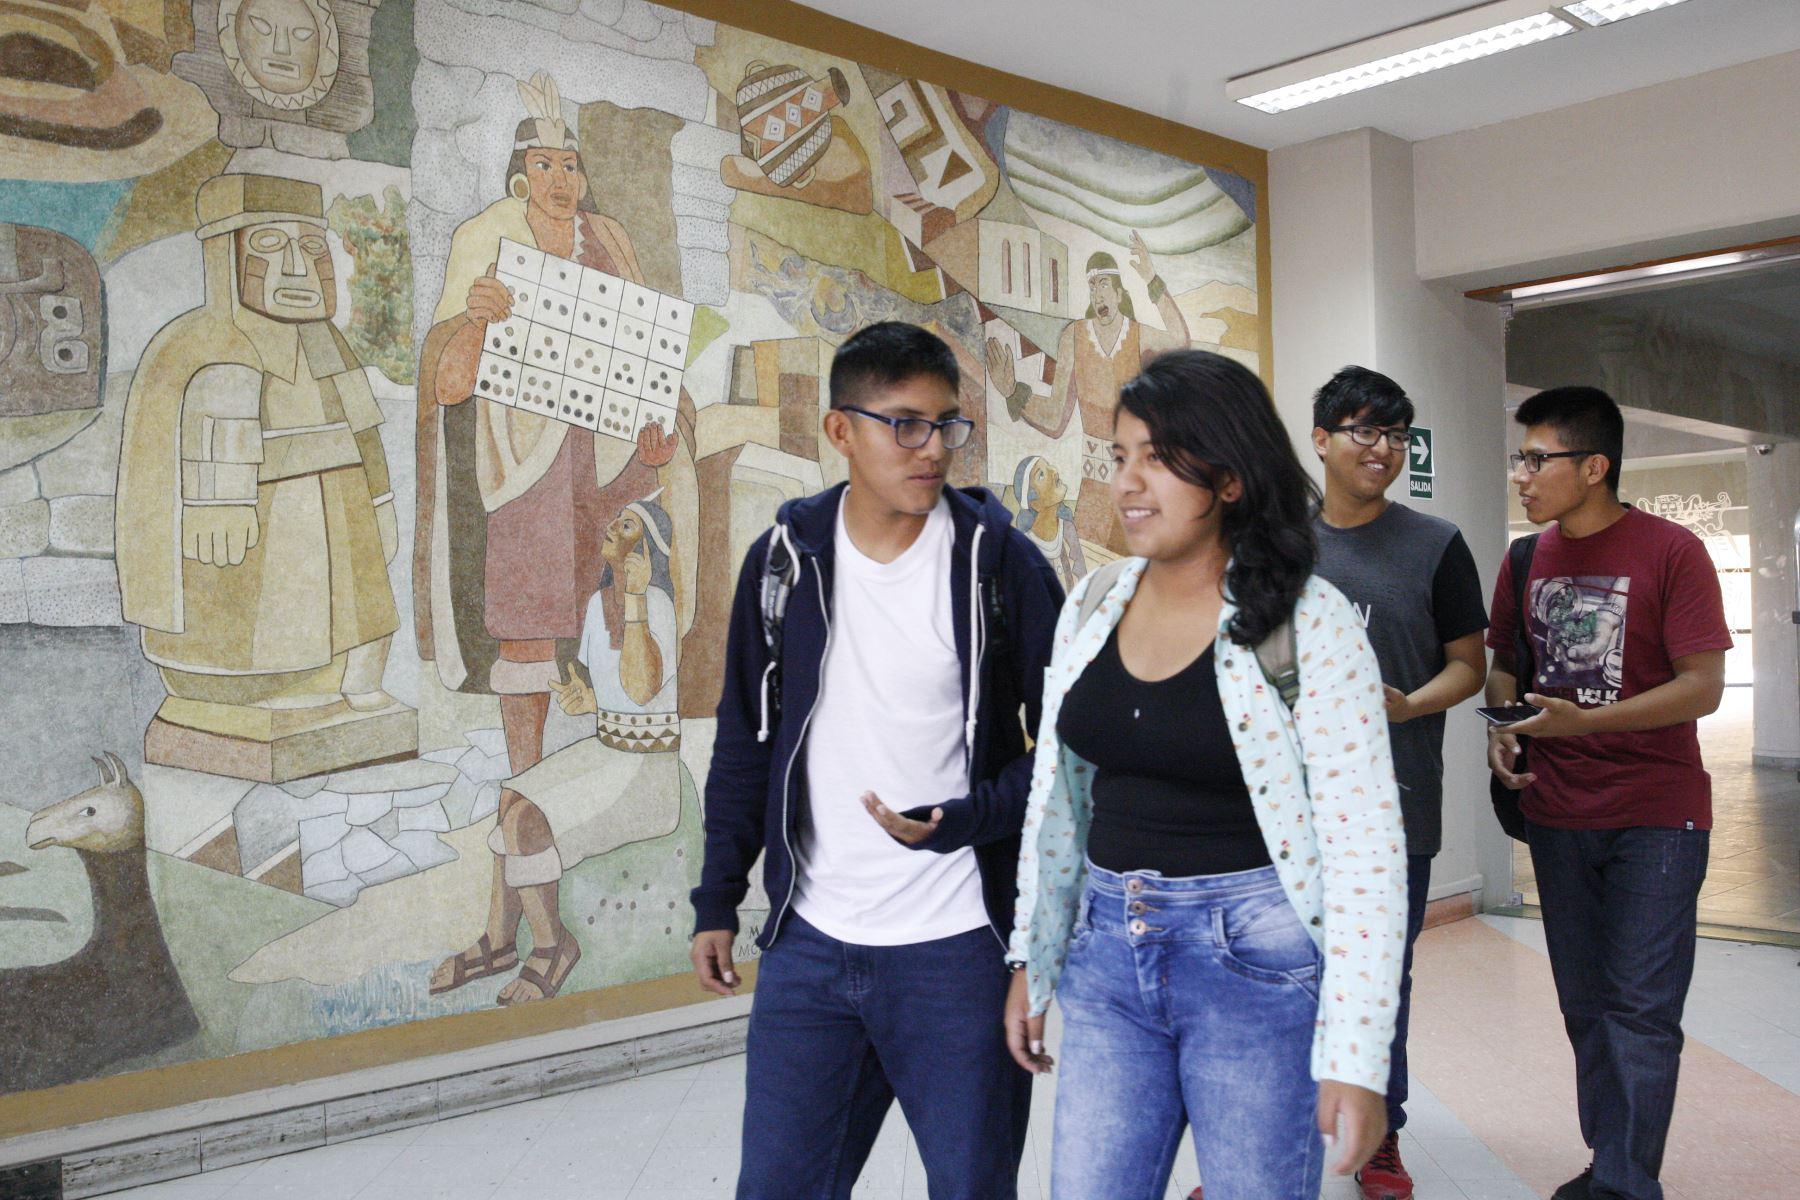 Fundación San Marcos otorgará becas integrales a los estudiantes con alto rendimiento académico que residen en las viviendas de la UNMSM. Foto: ANDINA/Eddy Ramos.